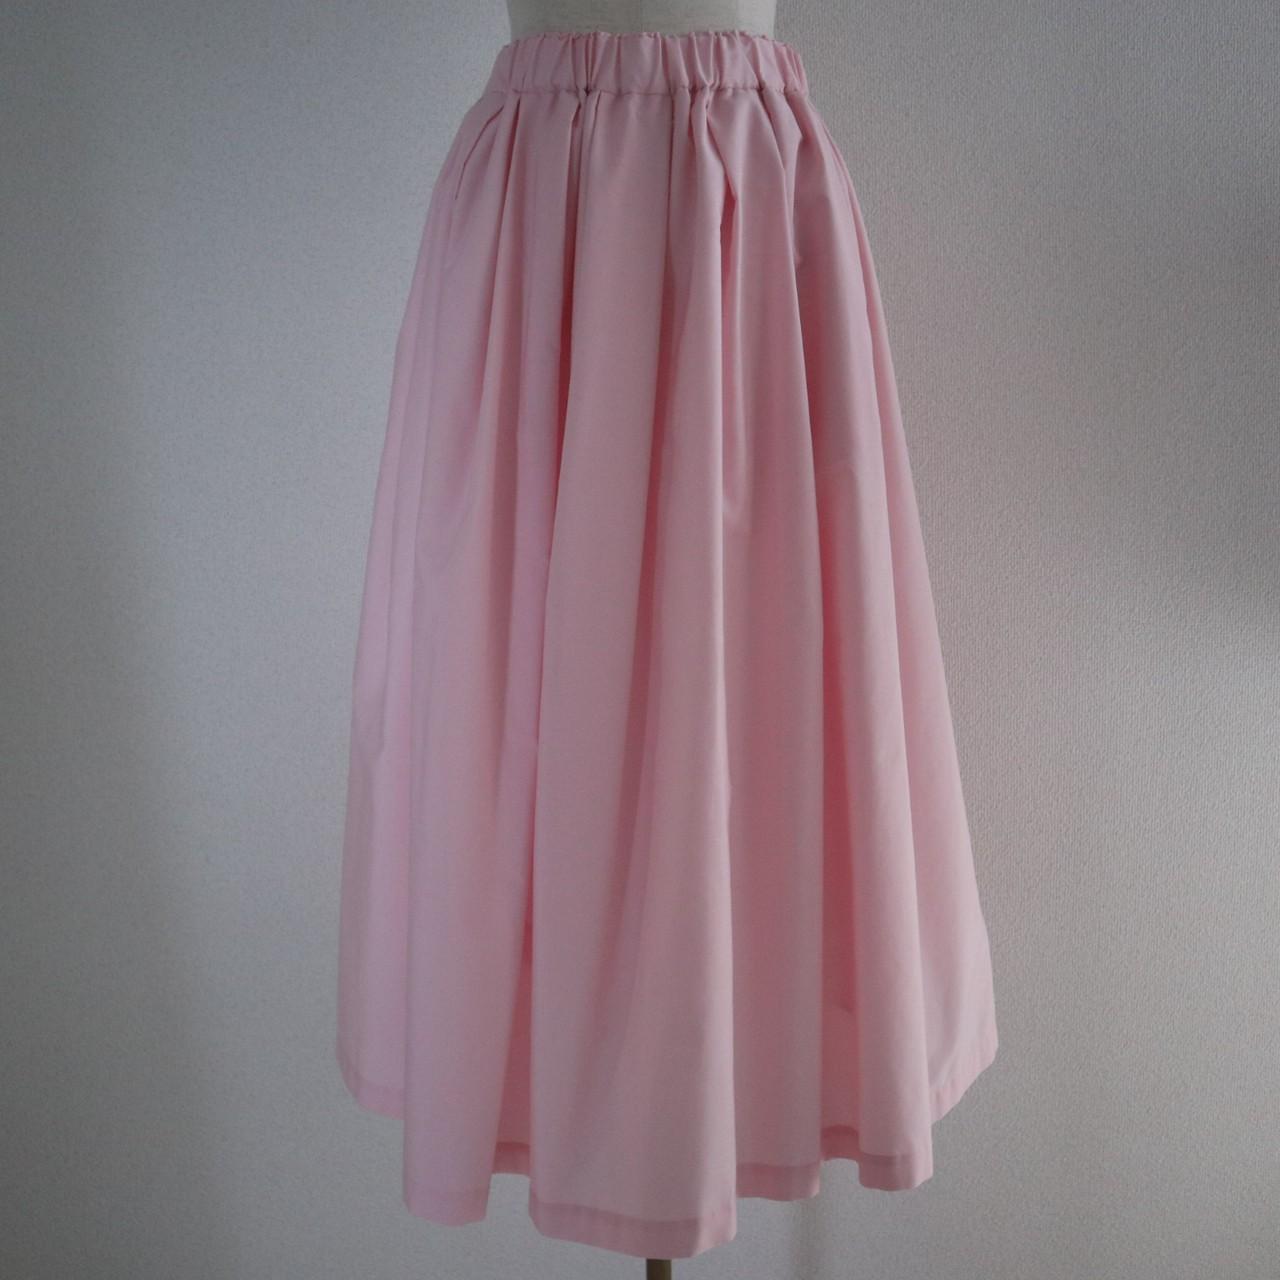 ボリュームフレアスカート(PINK)